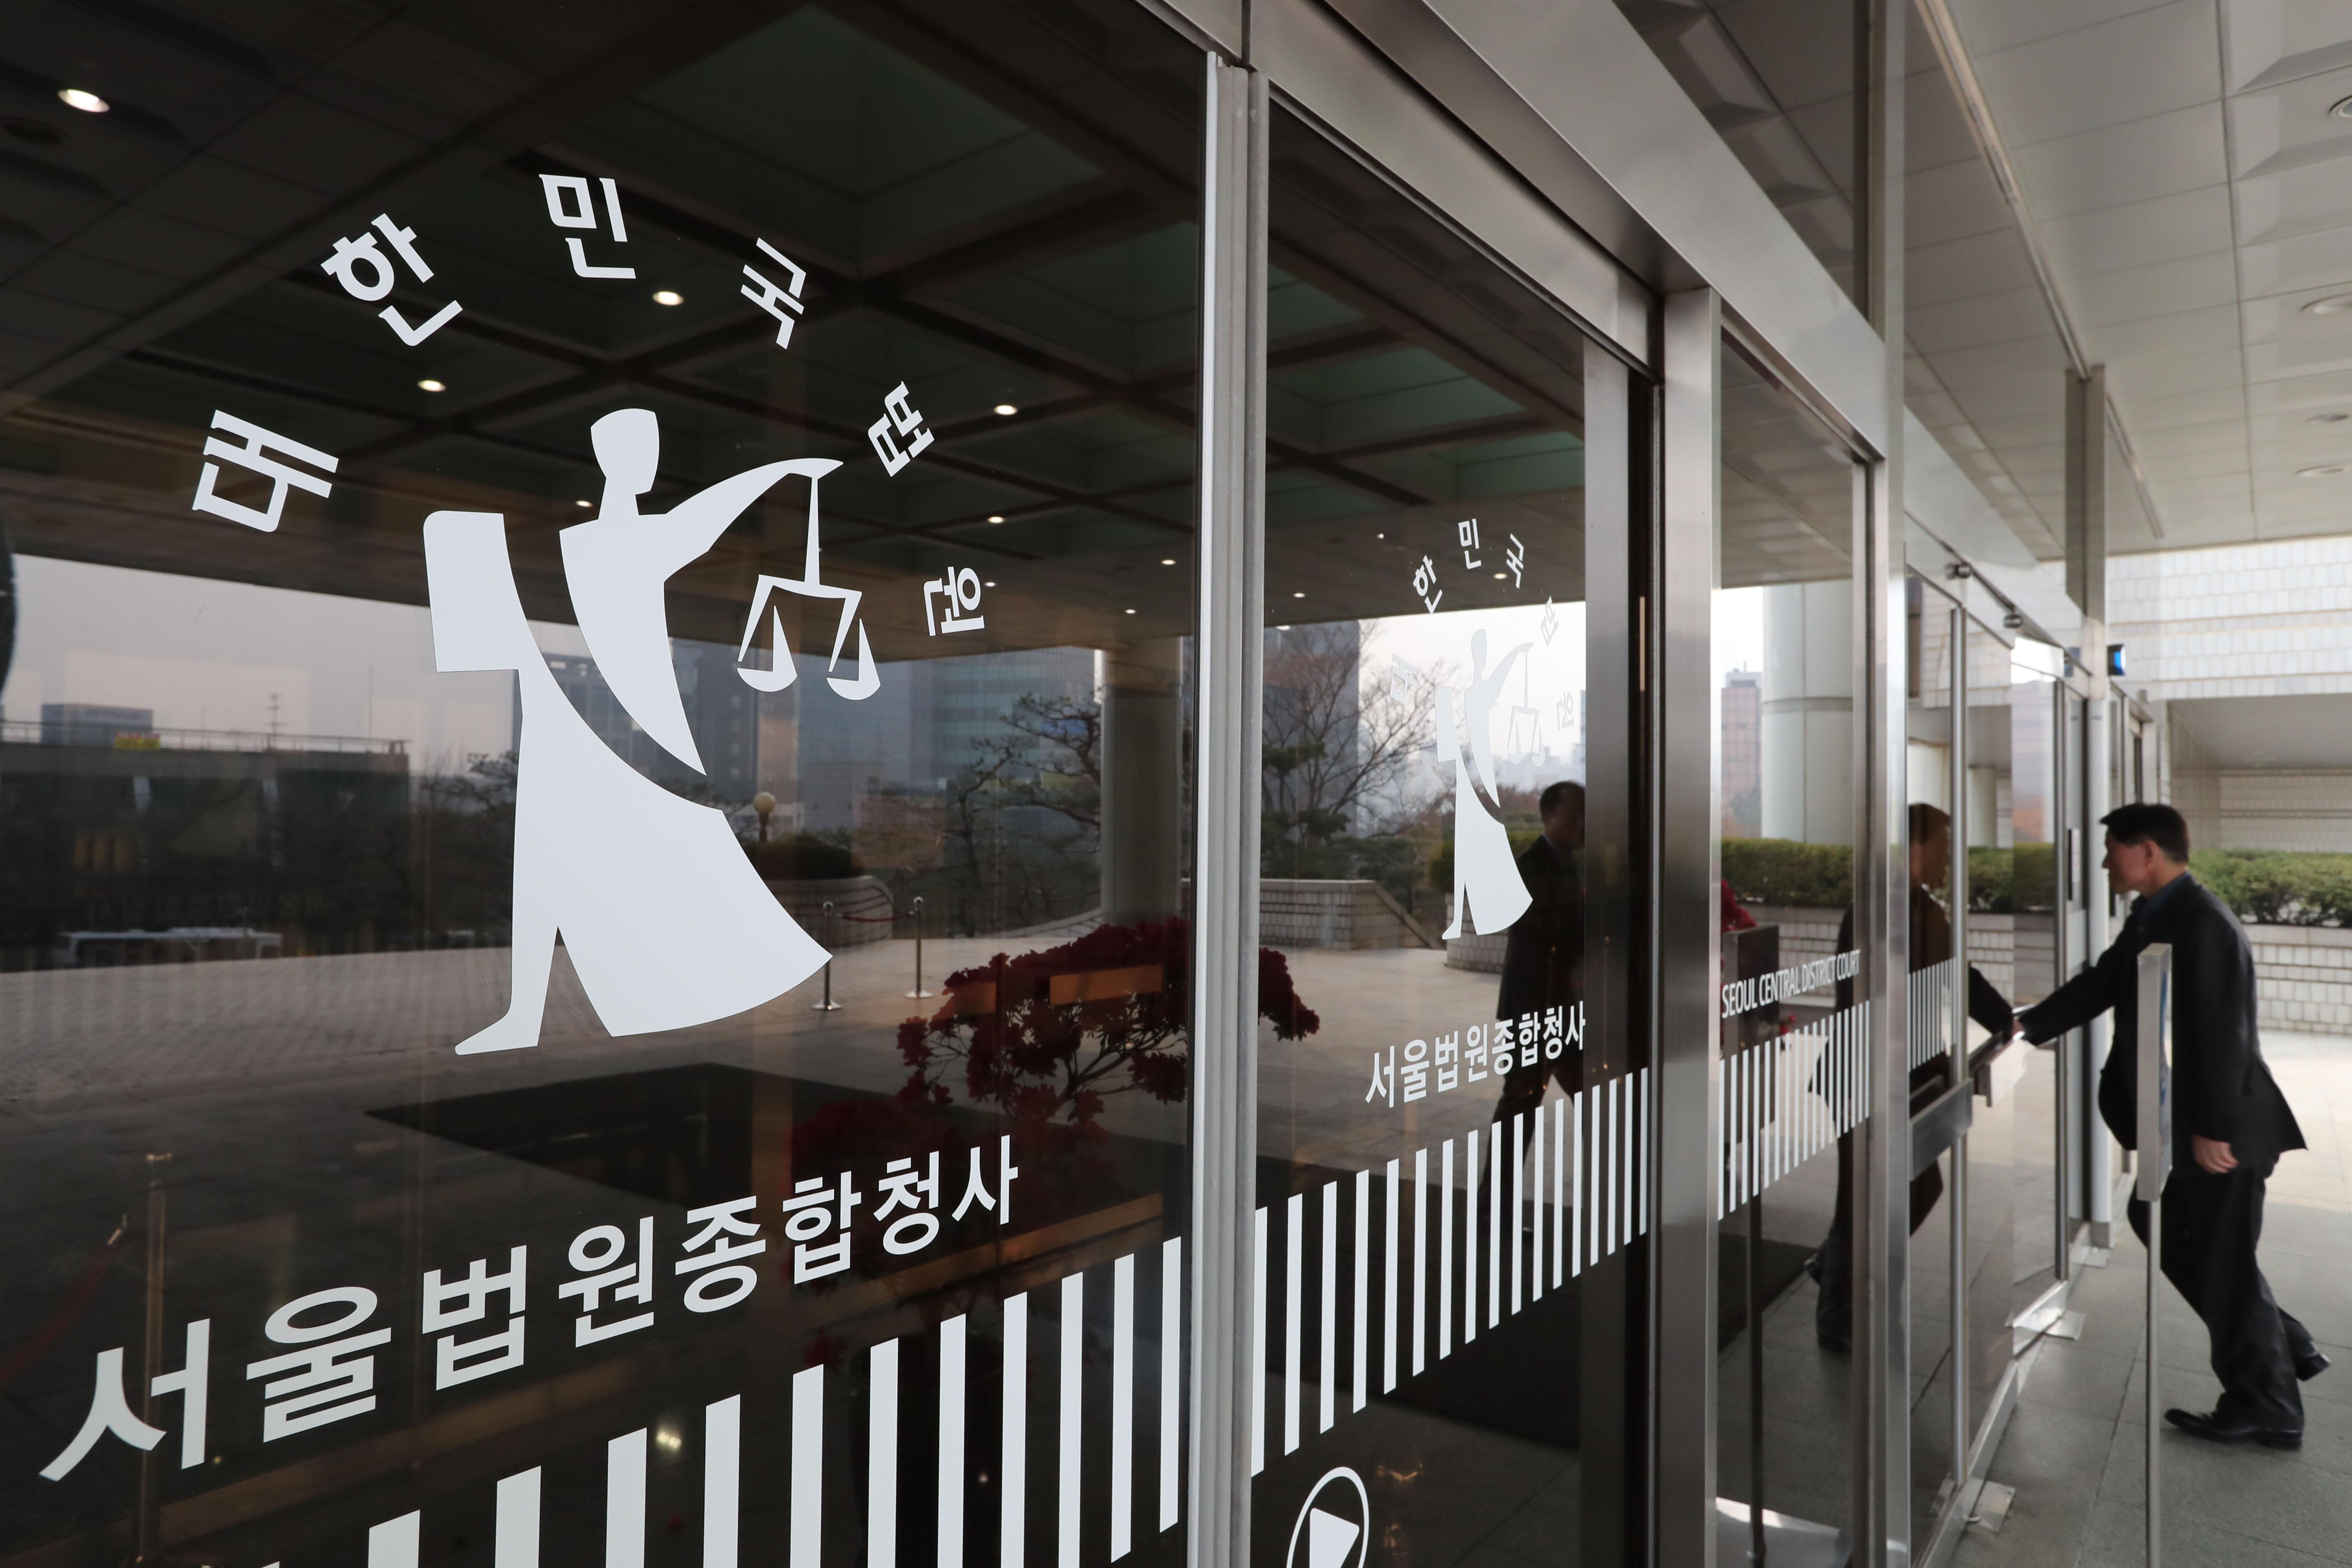 법조 비리 근절, 부산 변호사·법무사회 협약